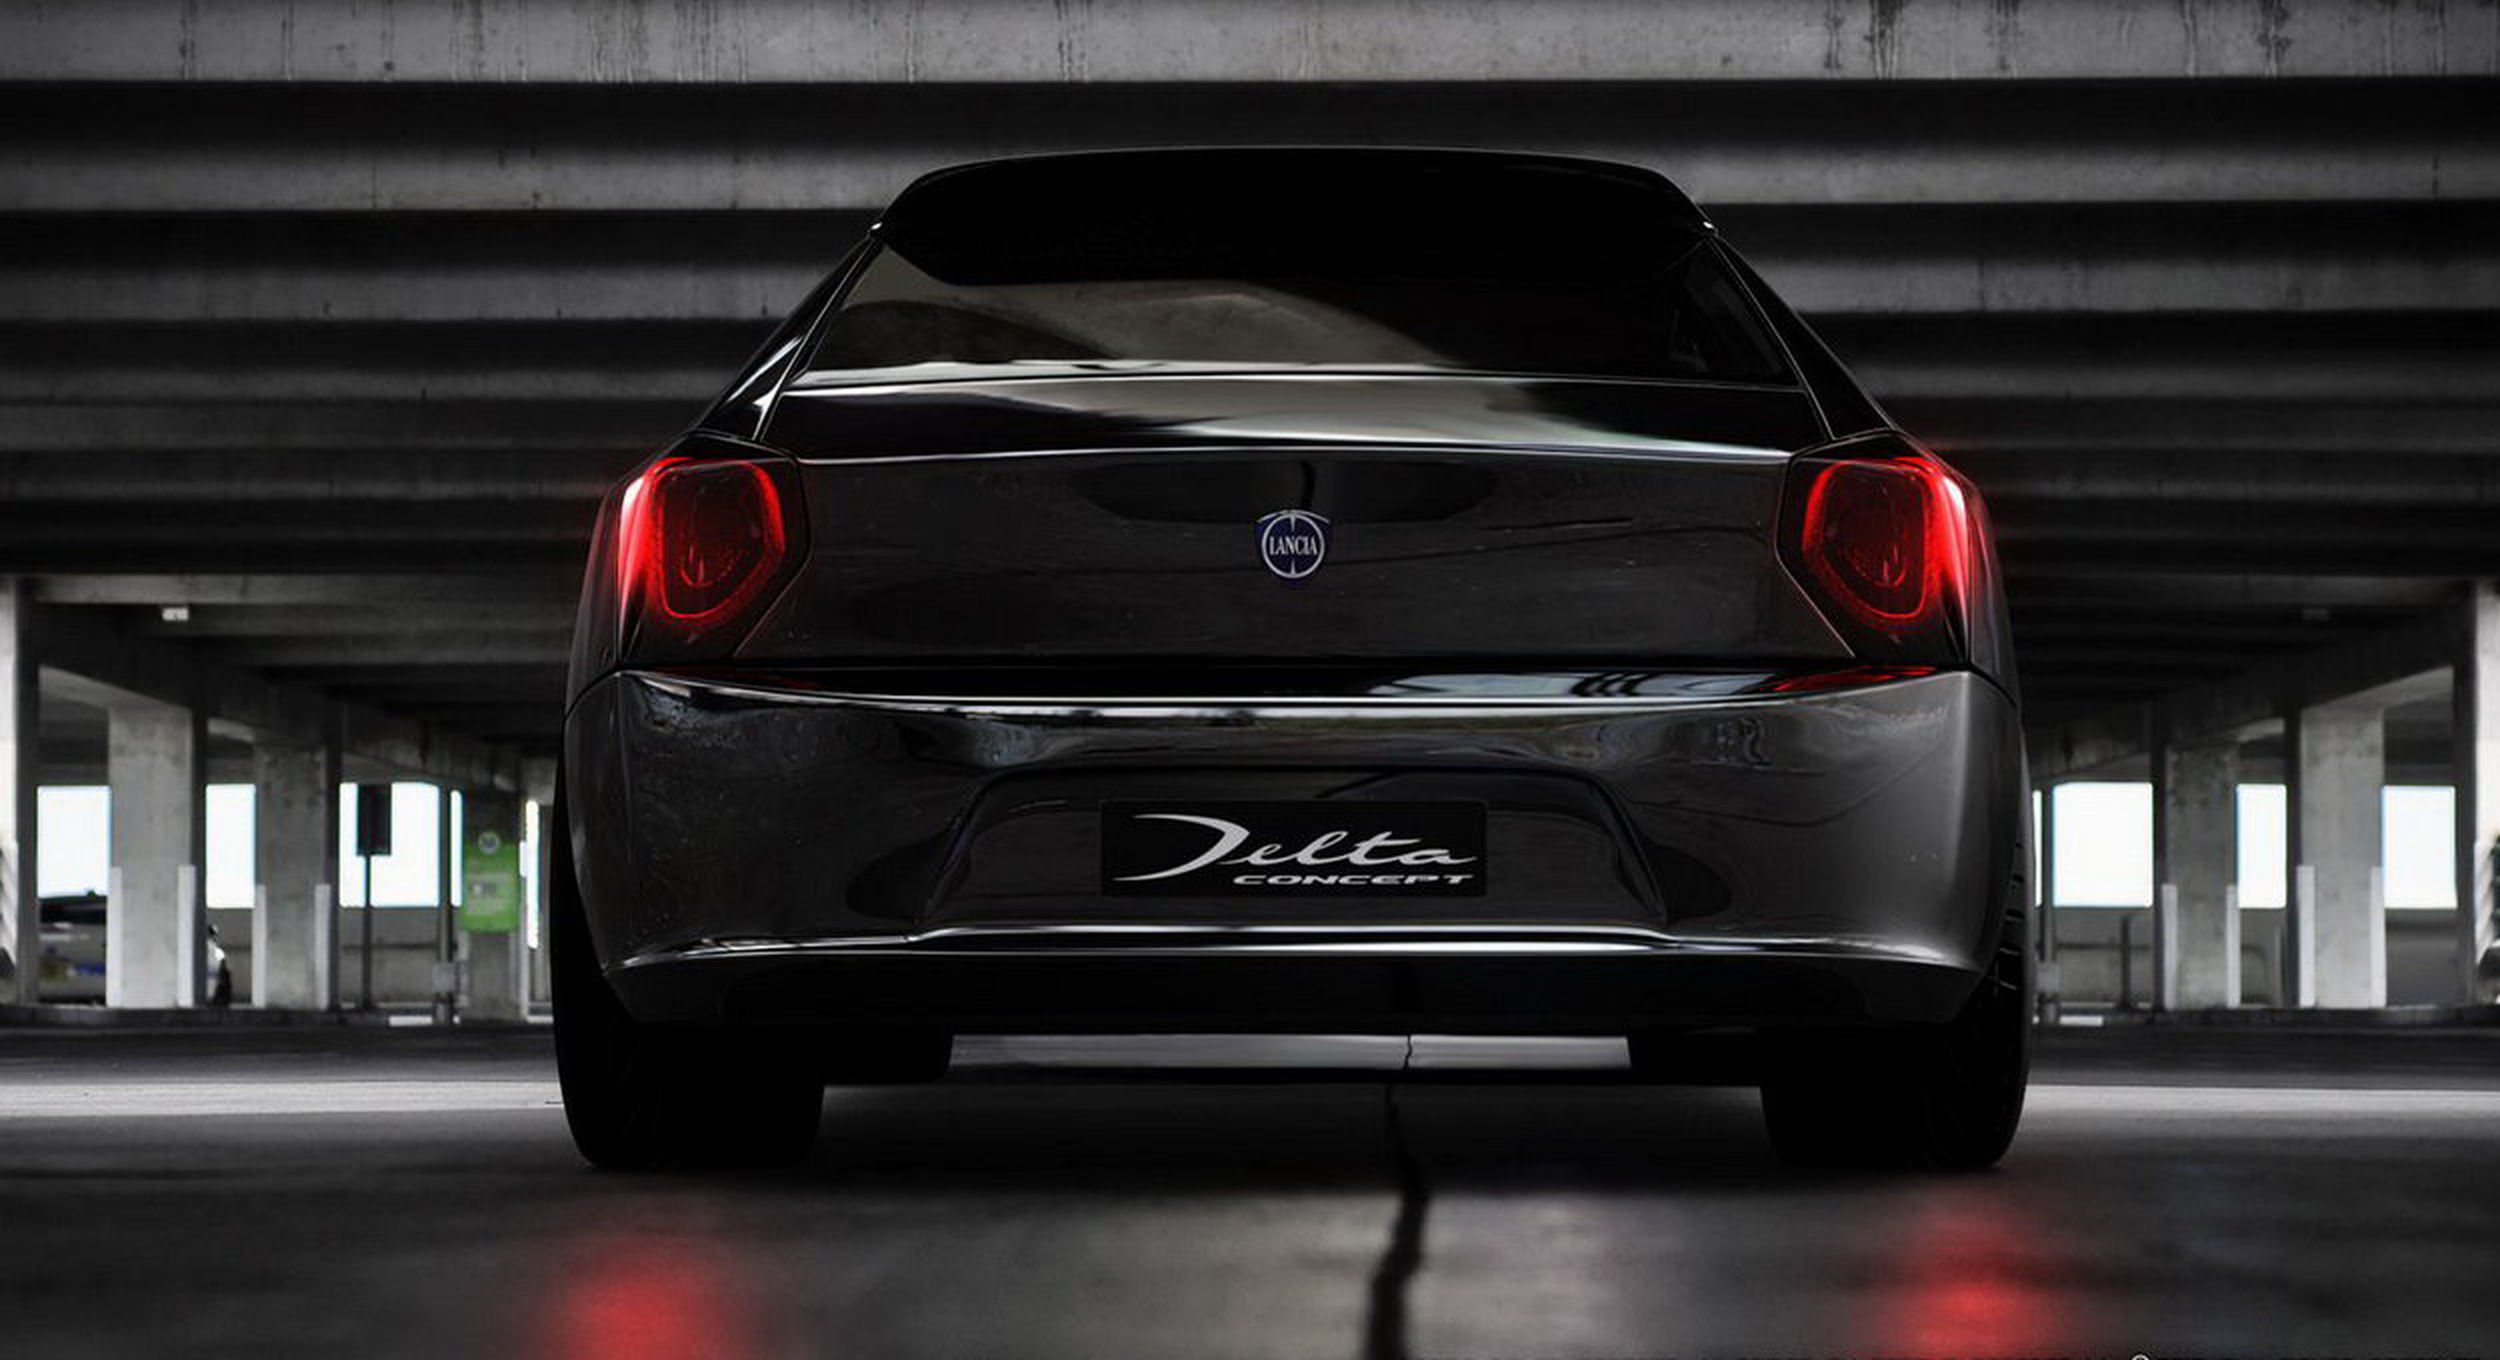 Nuova Lancia Delta Hf Integrale Concept Galleria Foto E